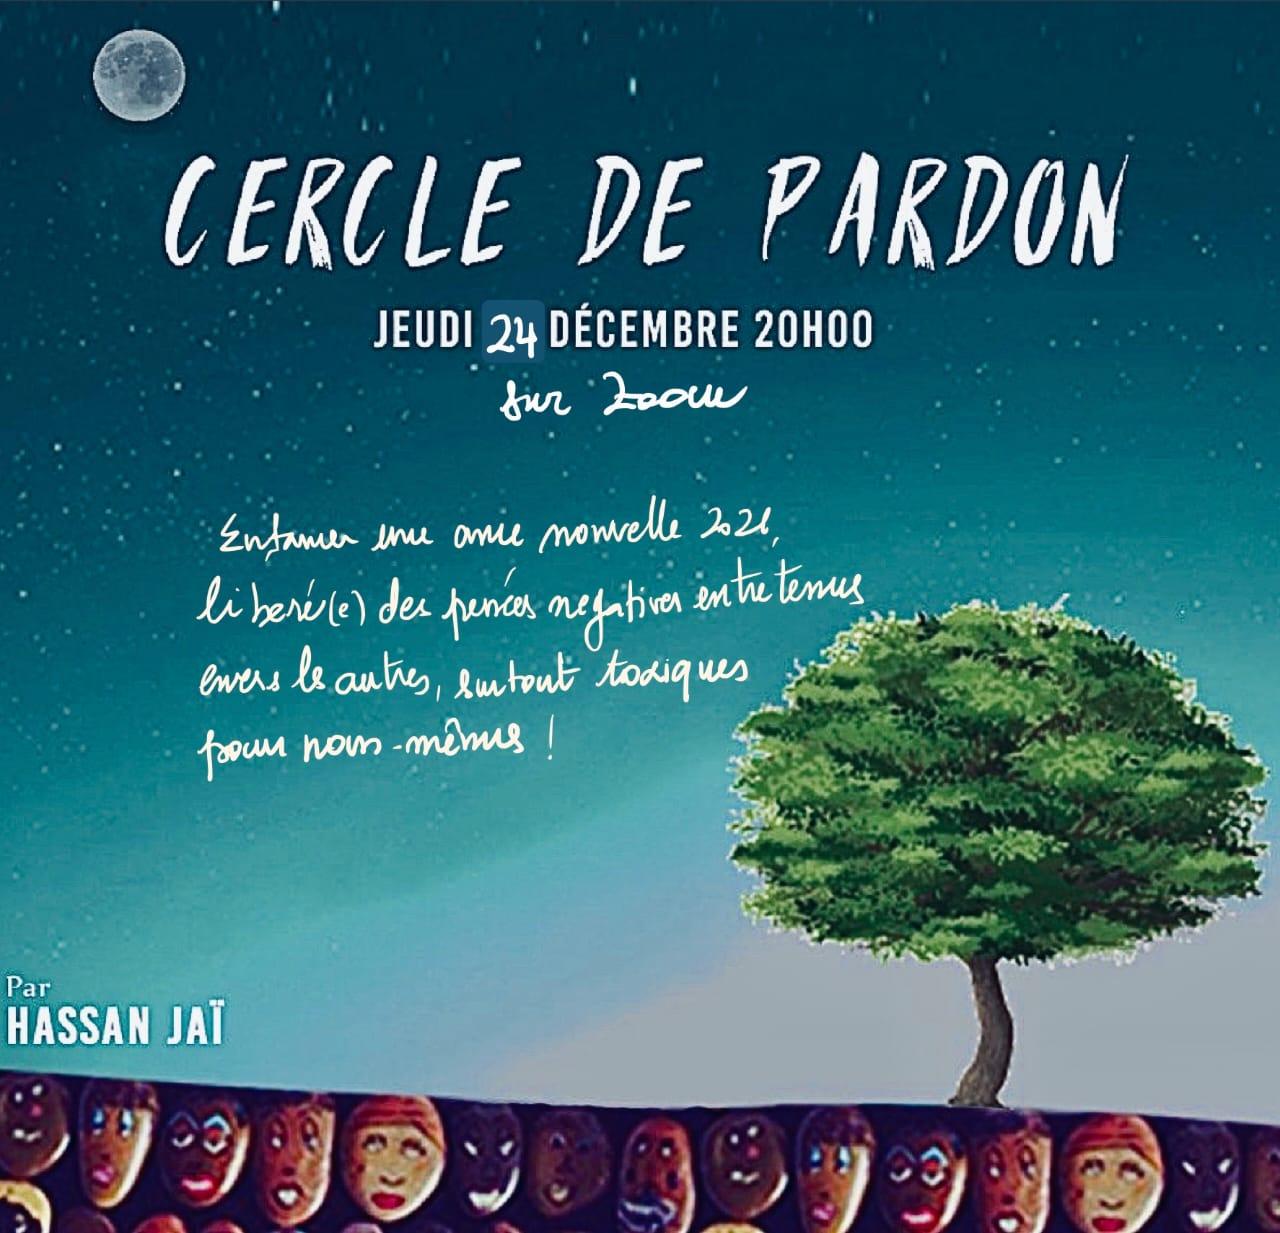 Cercle de Pardon - 24 Décembre